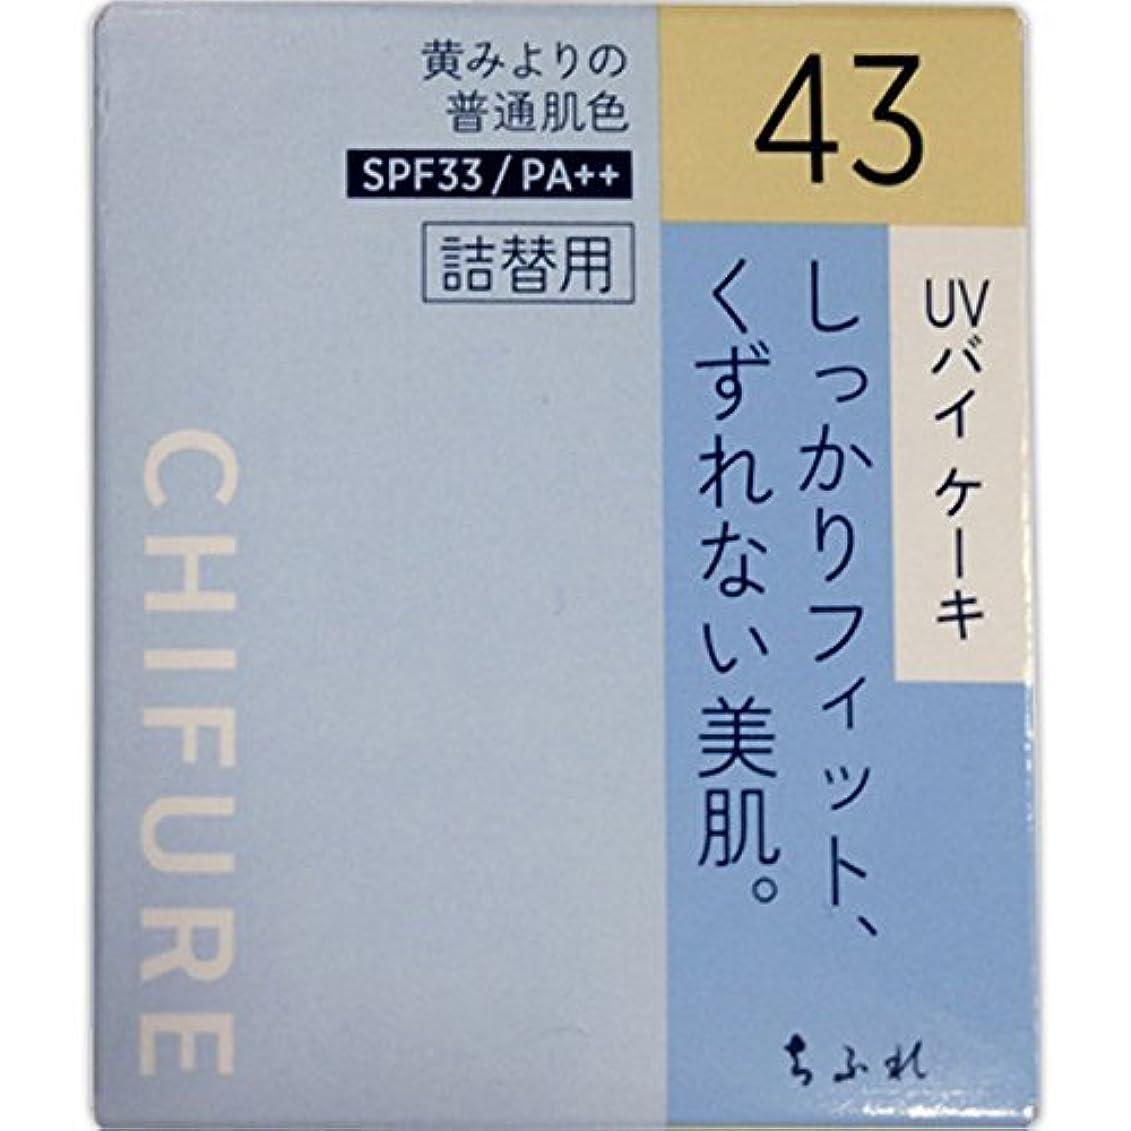 病皮肉な分離ちふれ化粧品 UV バイ ケーキ 詰替用 43 黄みよりの普通肌色 43